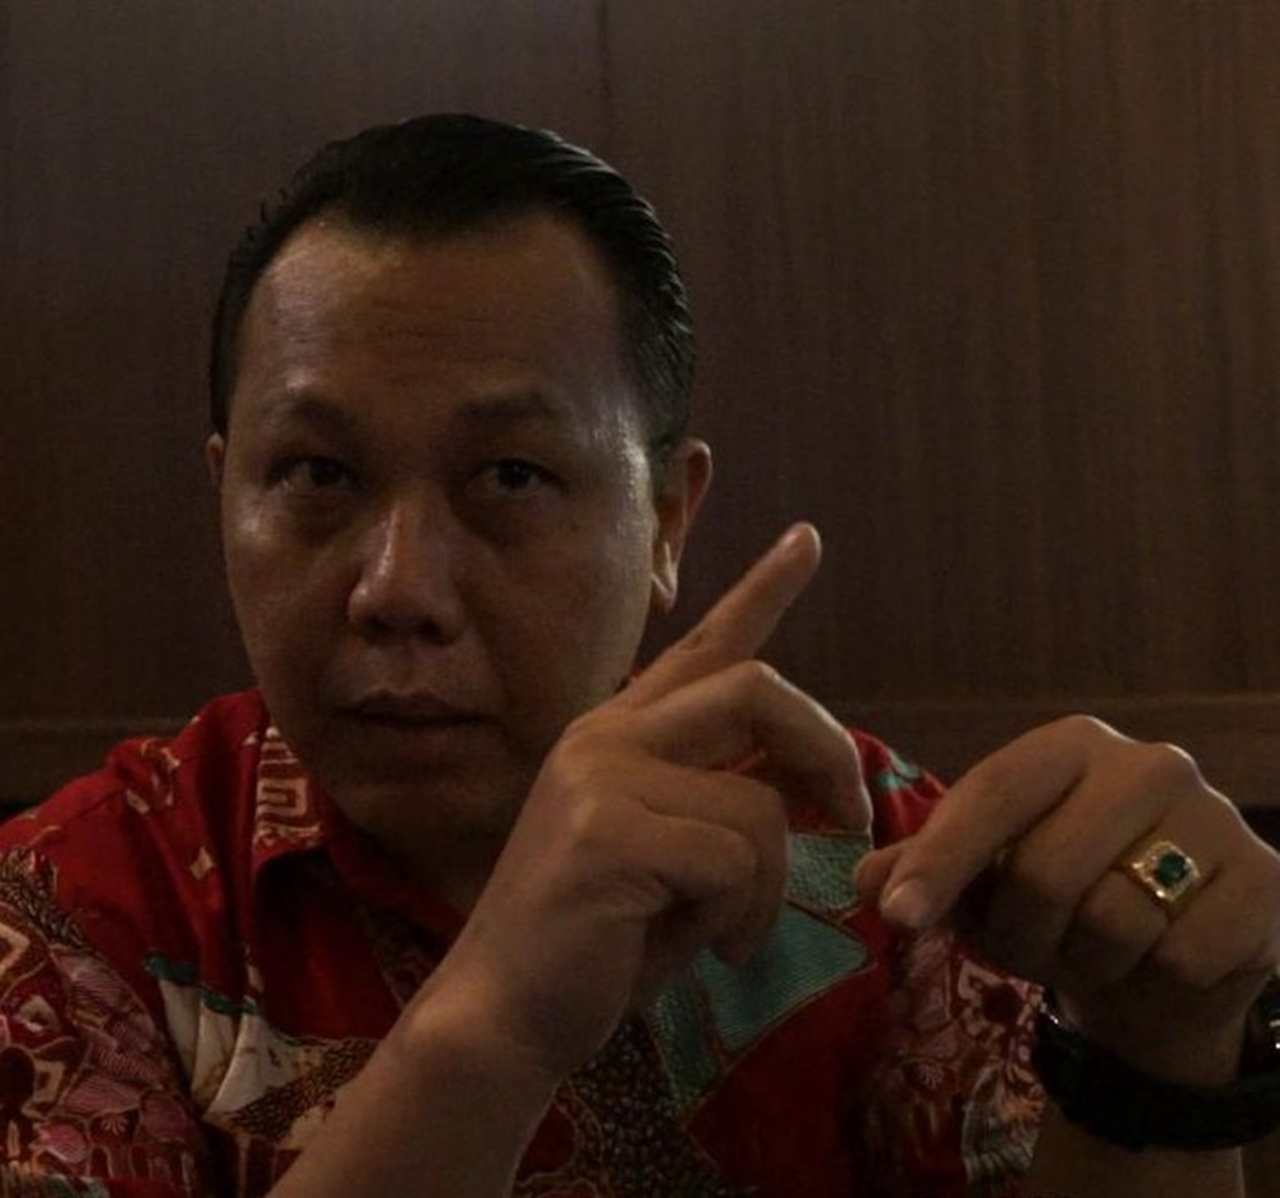 Libur Idul Fitri Melonjak Naik, Tamu Hotel di Yogyakarta Naik Dari Tahun Sebelumnya 3